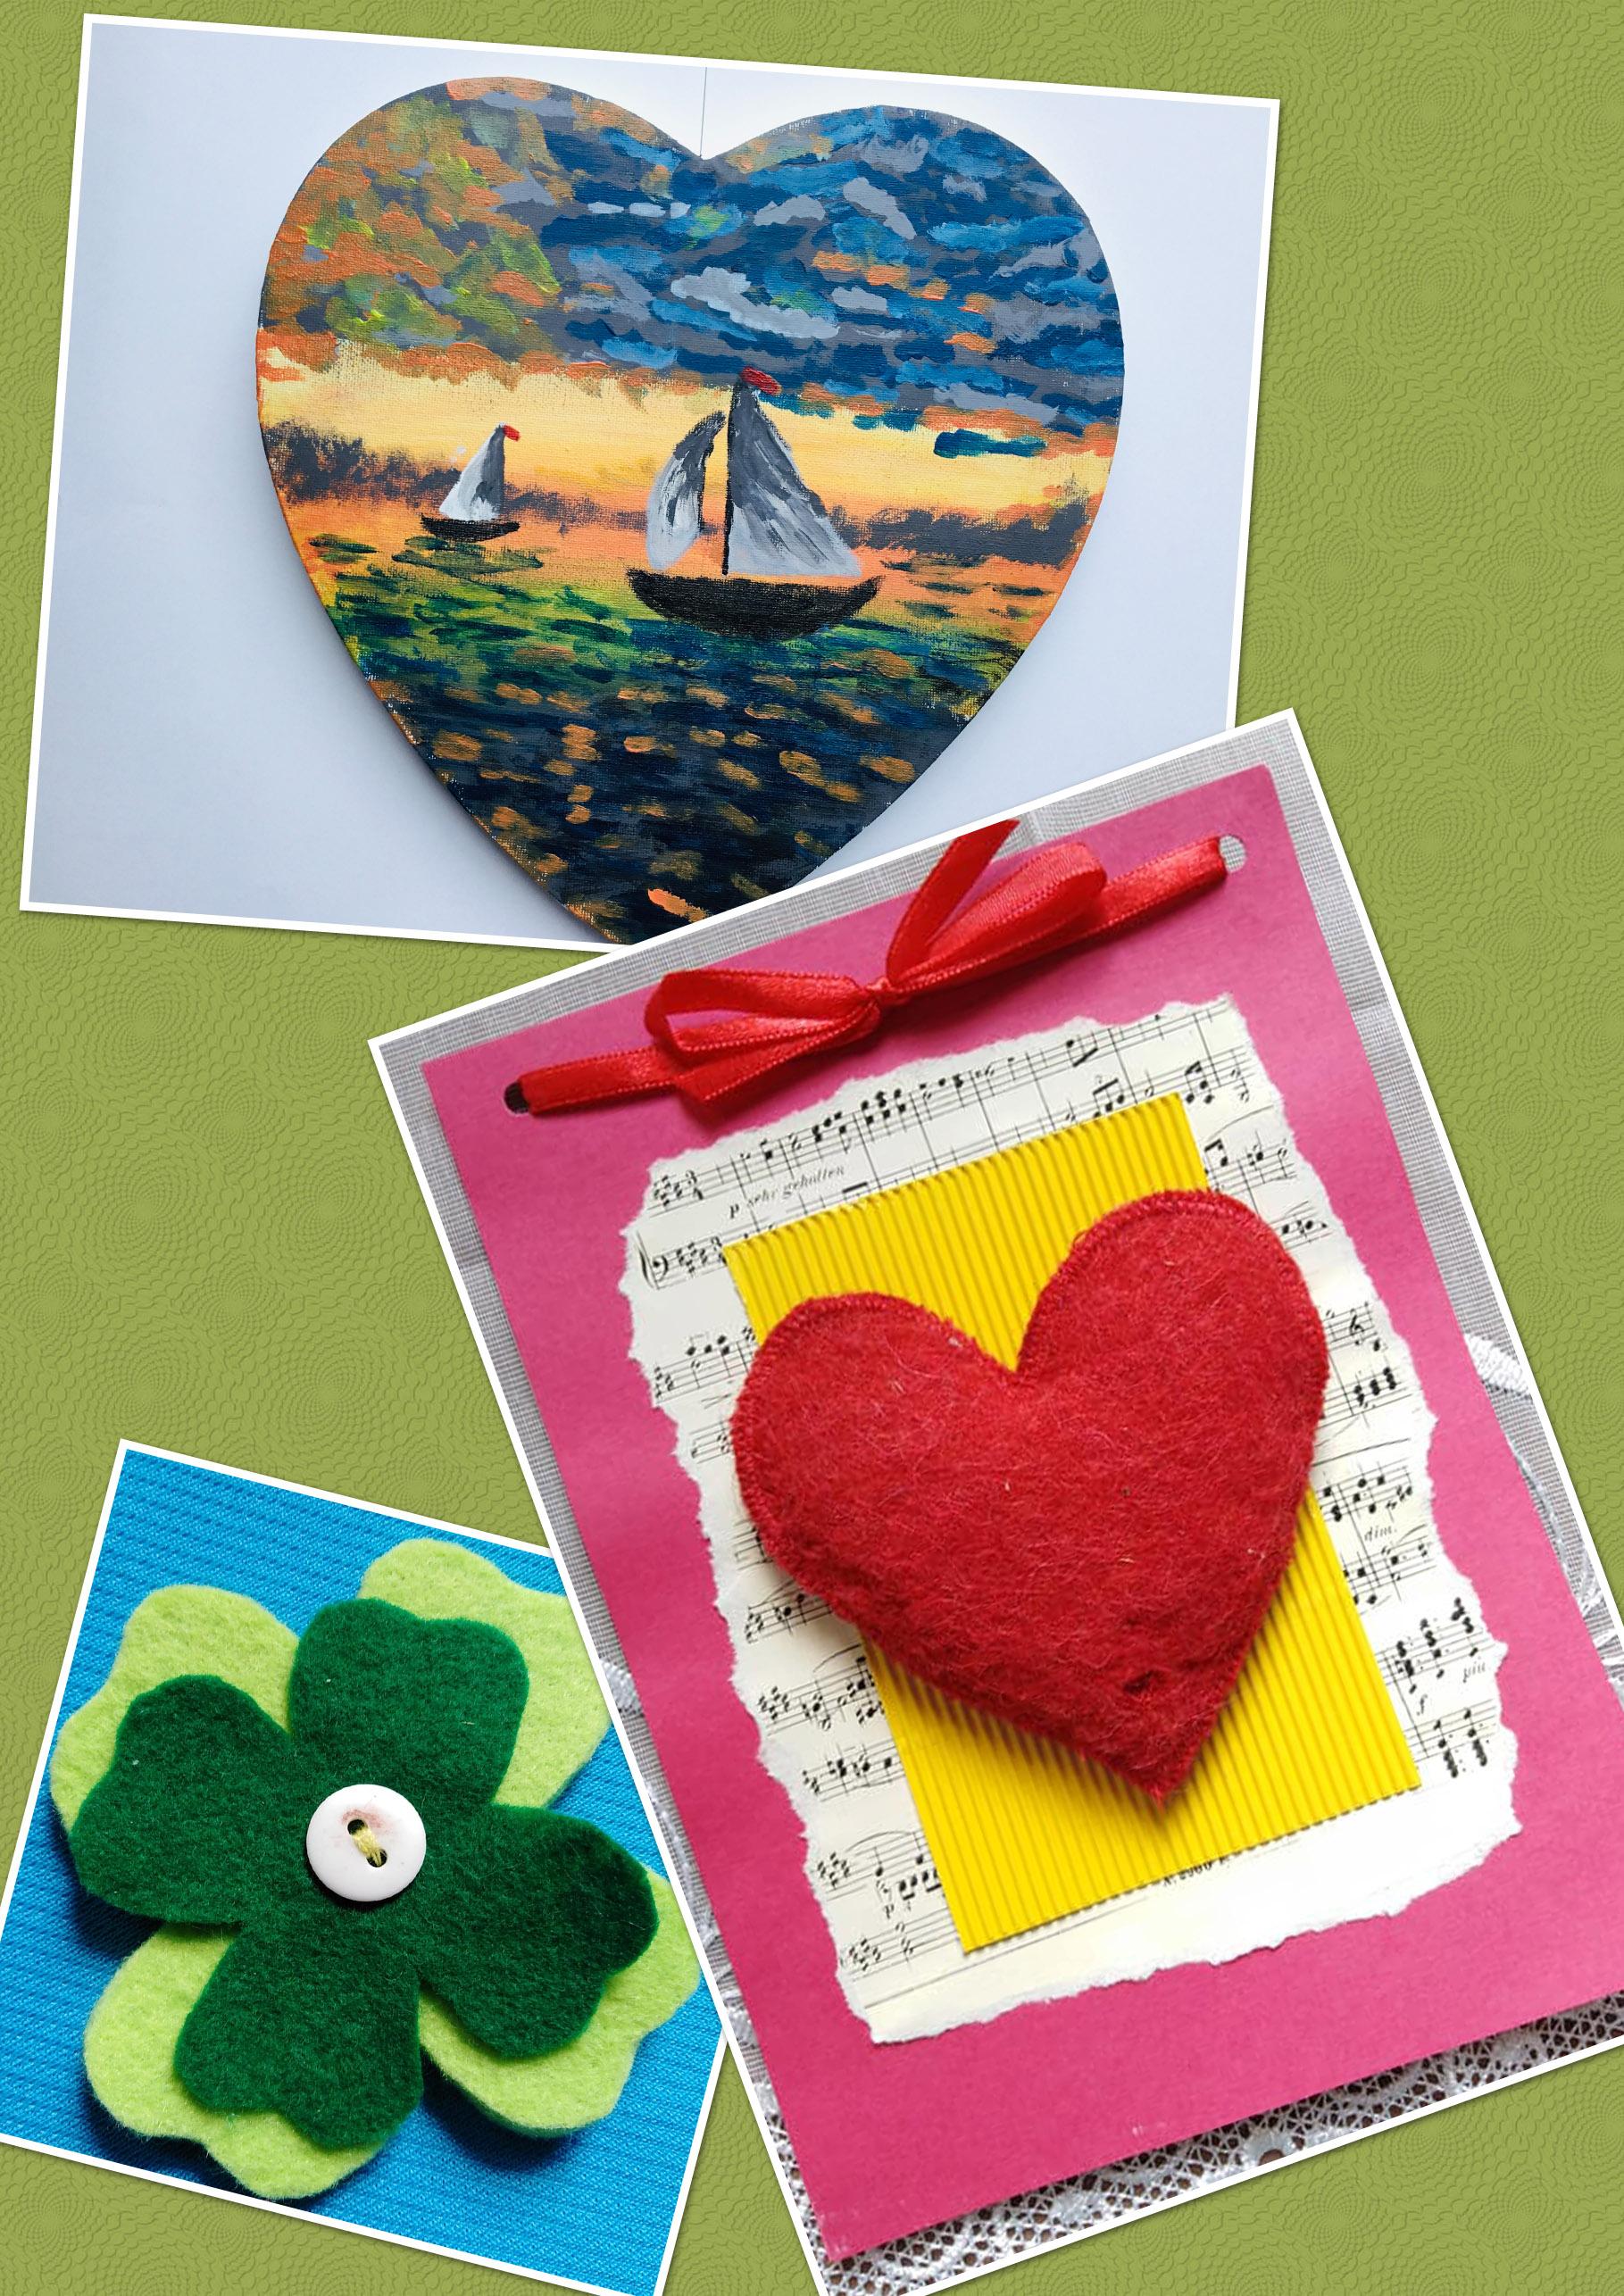 zestaw prac plastycznych: zielona koniczyna z filcu, laurka kartonowa z filcowym sercem, obrazek:żaglówka na jeziorze, zachód słońca